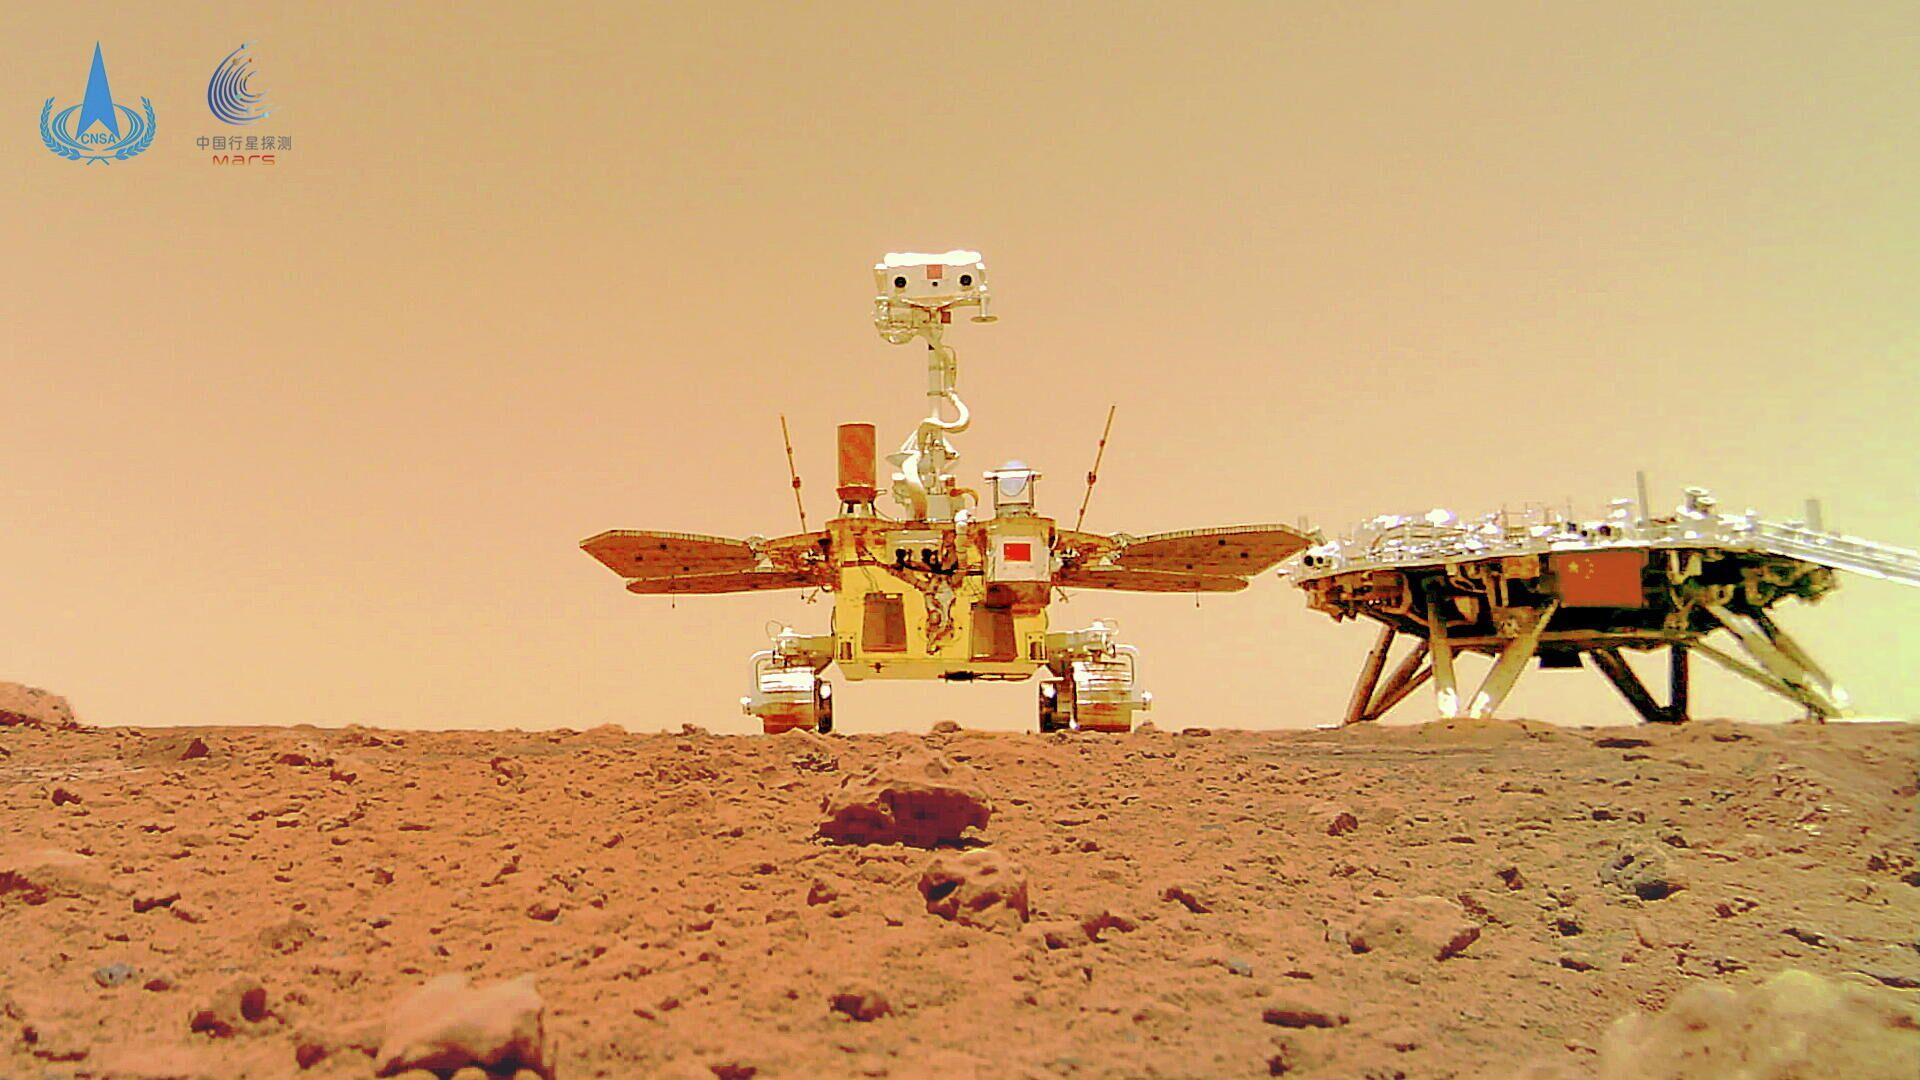 Una foto de la superficie de Marte hecha por el rover Zhurong - Sputnik Mundo, 1920, 11.06.2021